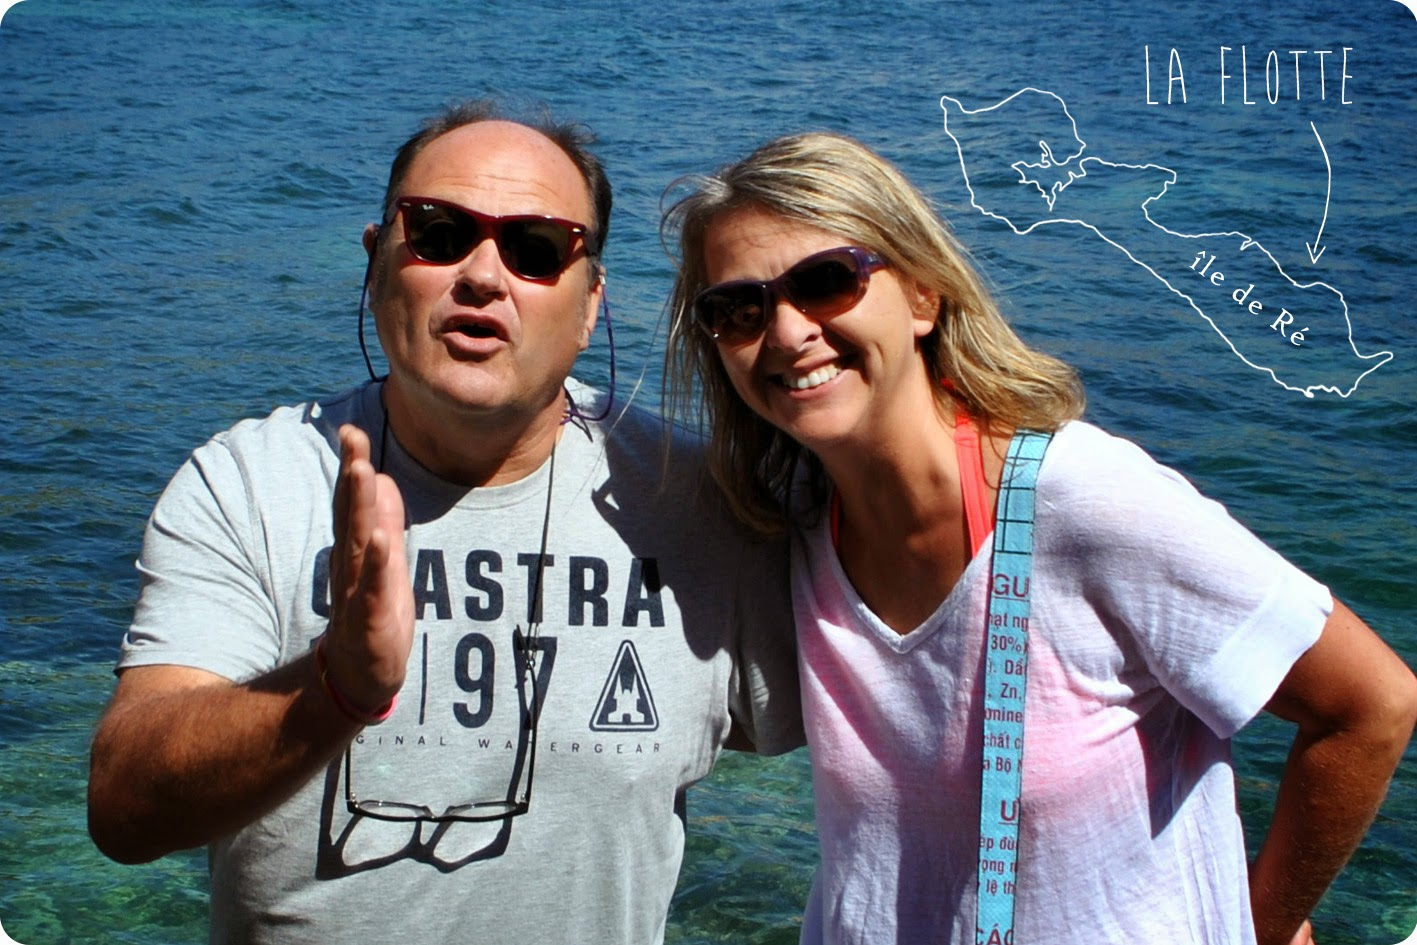 Ivan et Valérie, lunettes de soleil, dos tourné à la plage